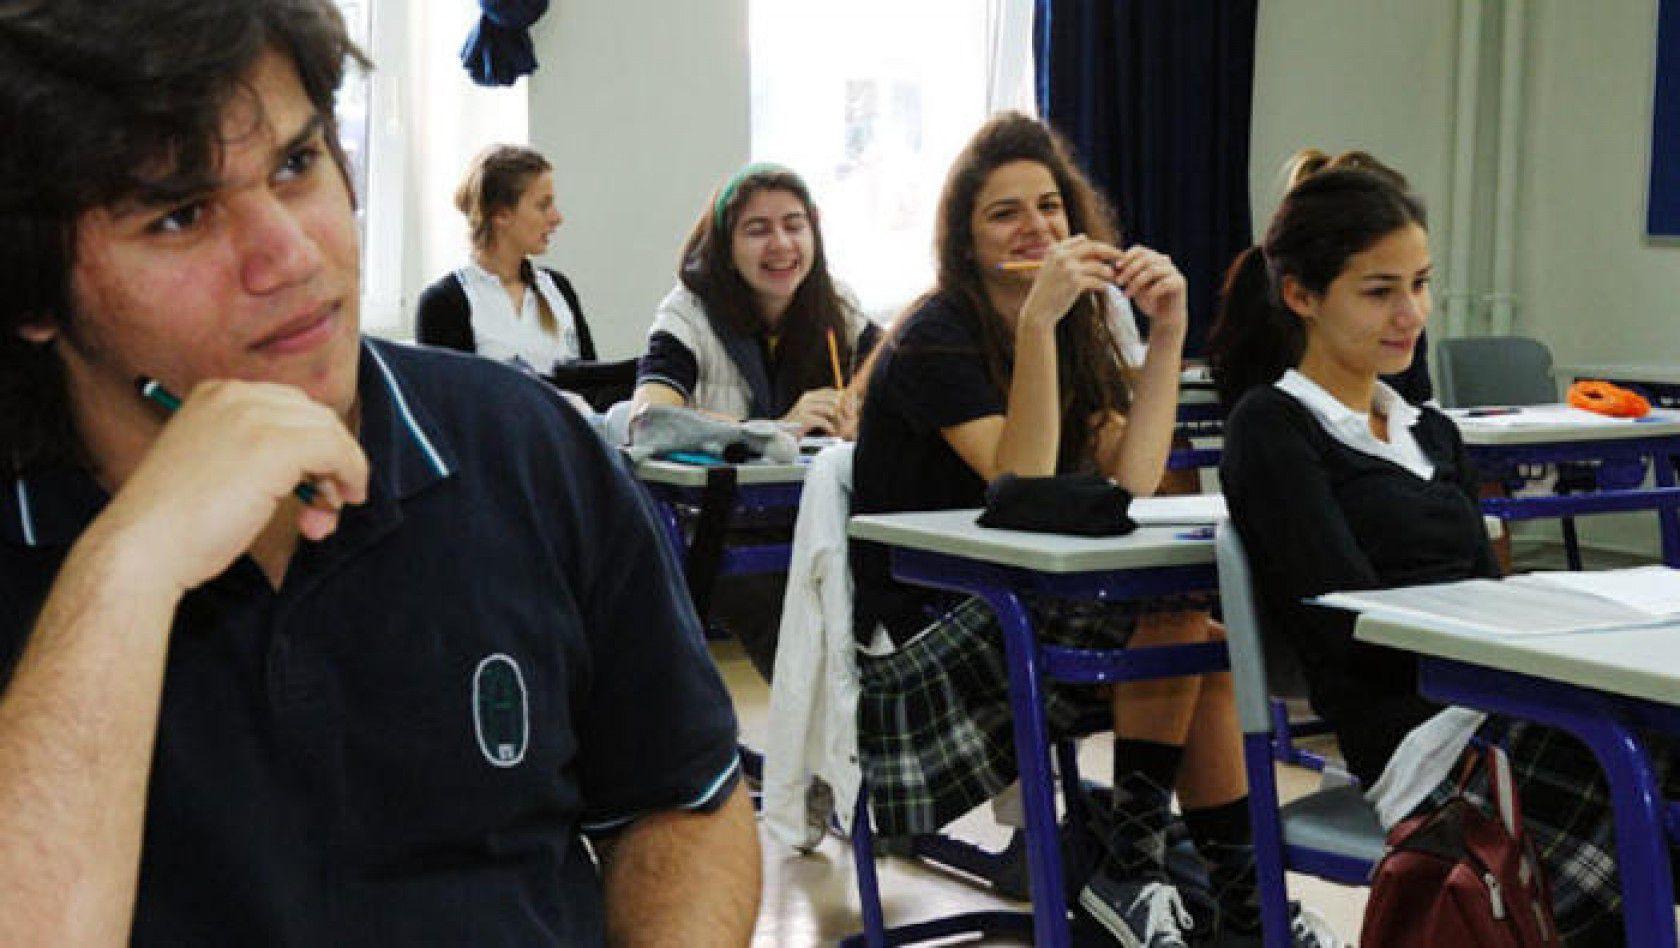 Kanada Lise Eğitimi için Gerekli Evraklar